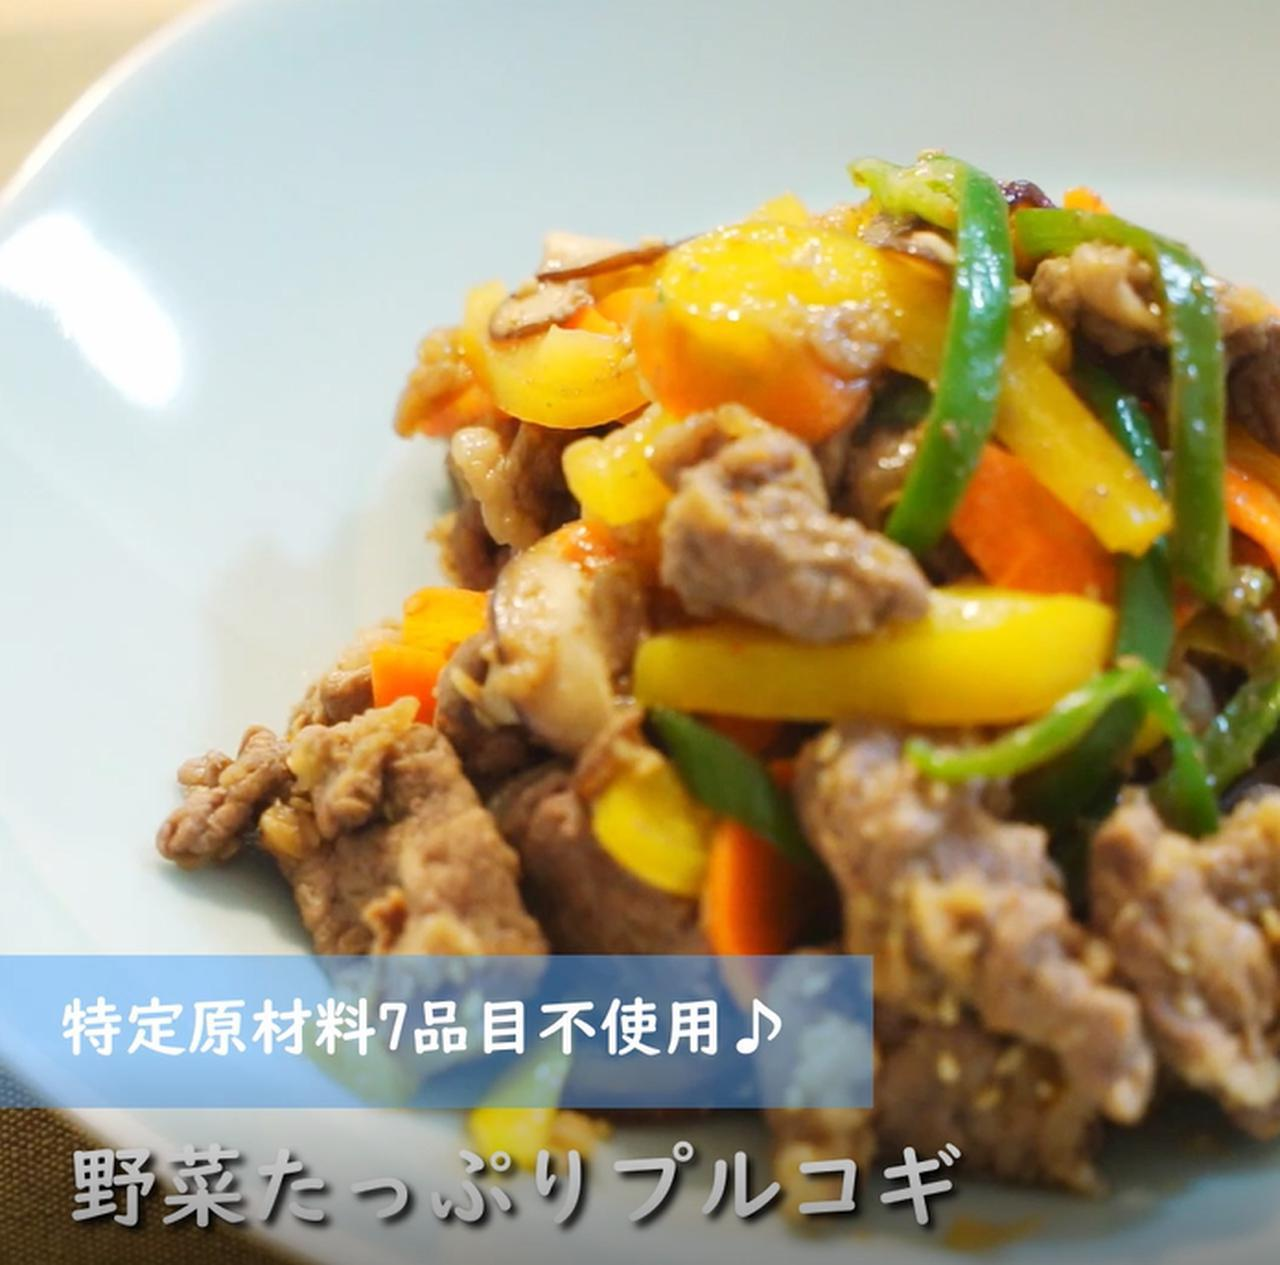 画像: 野菜たっぷりとれて美味しいプルコギ - 君とごはん